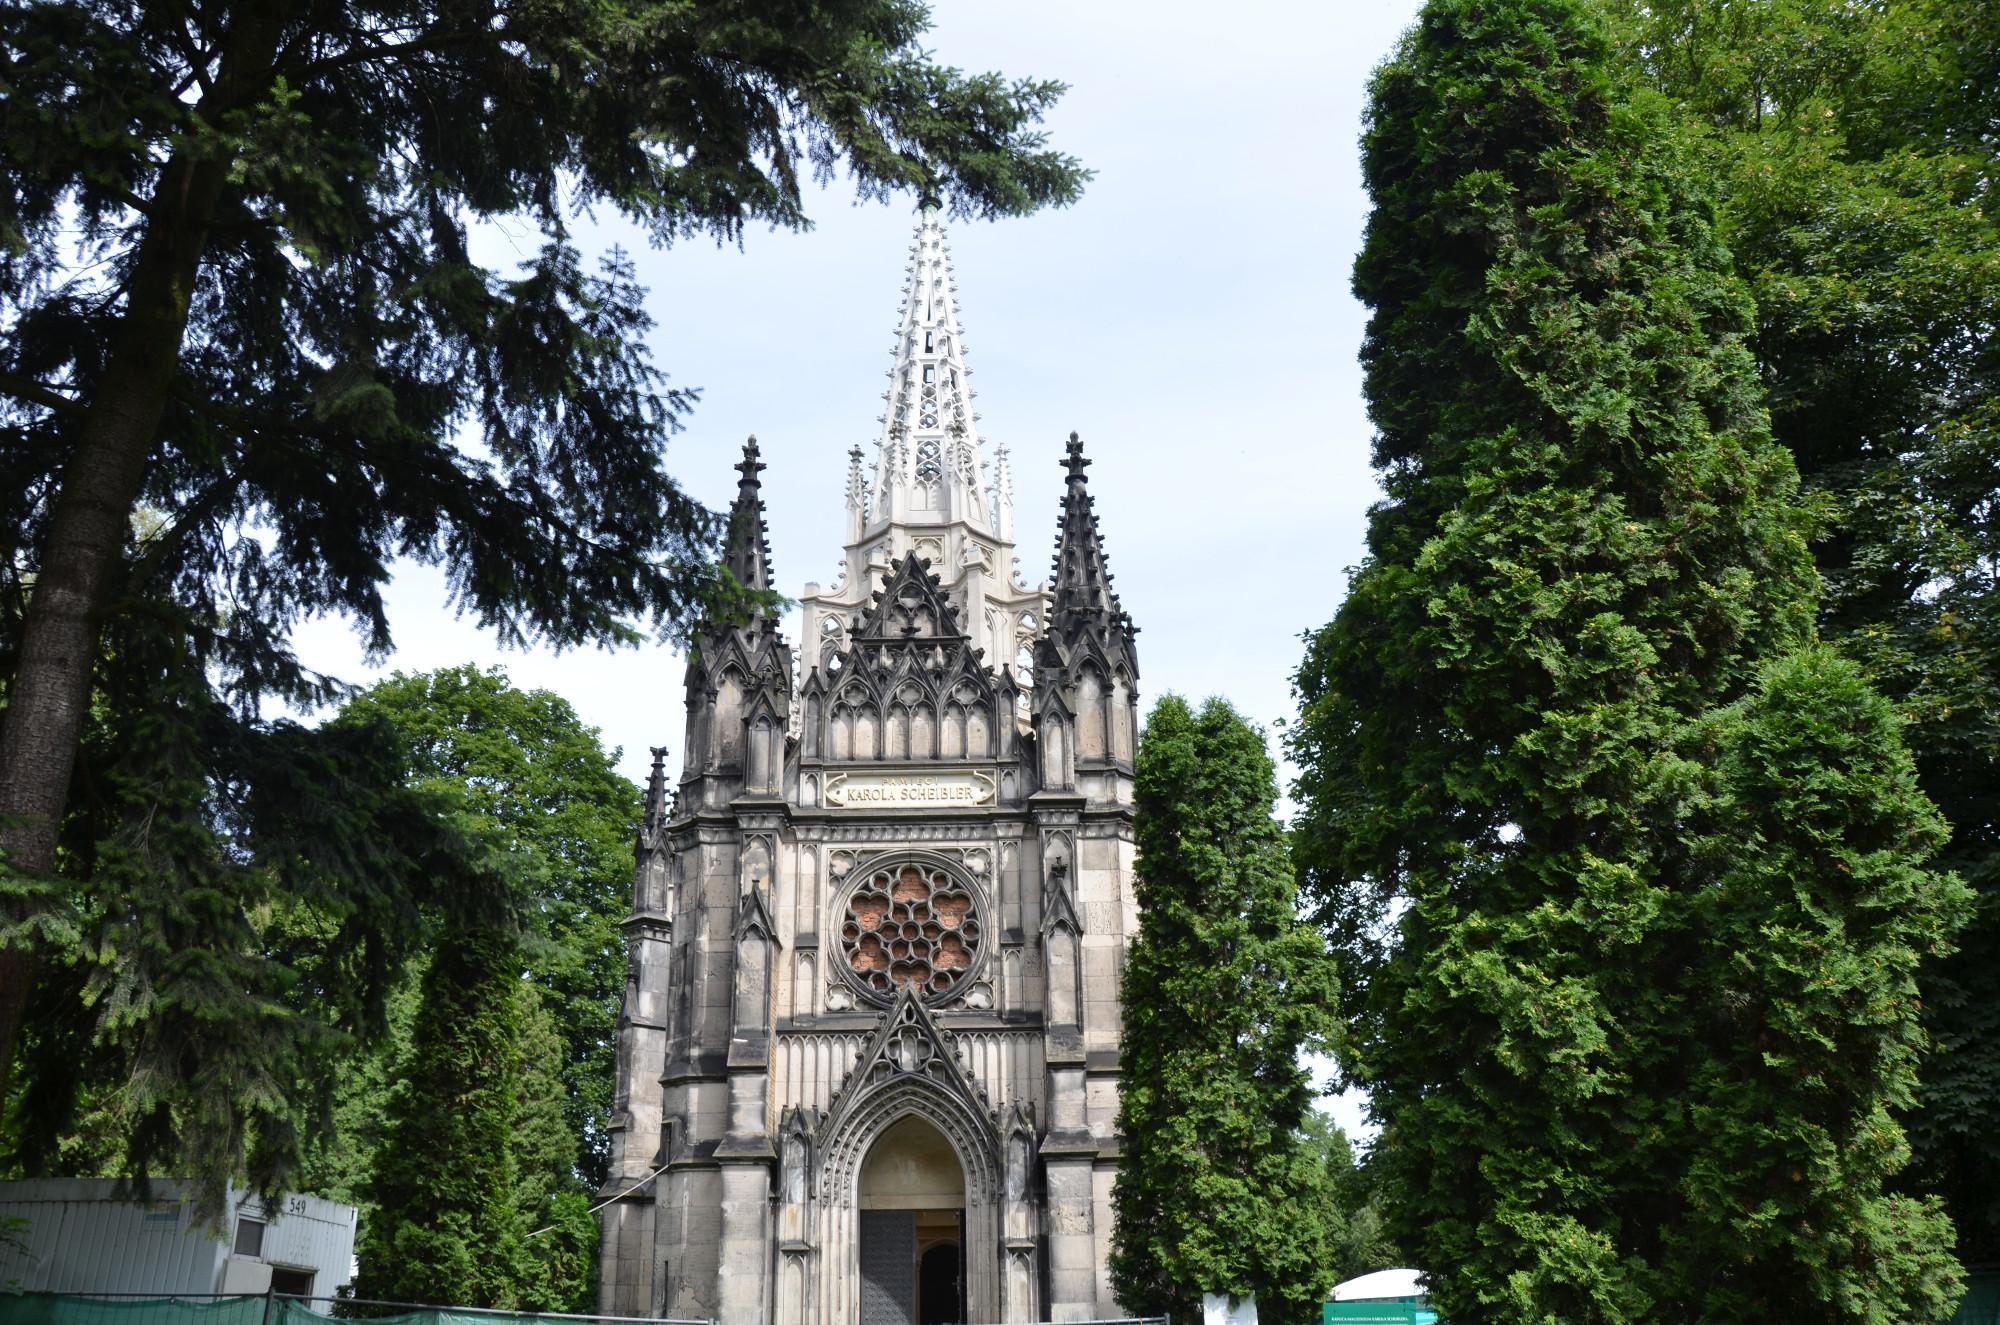 Selbst die letzte Ruhestätte der Lodzer Textil-Barone sind Monumente: hier das Mausoleum von Karl Wilhelm Scheibler in Form einer neogotischen Kirche, das auf dem evangelischen Friedhof alle anderen Grabmäler überragt. (Foto: © Jürgen Ulbrich)